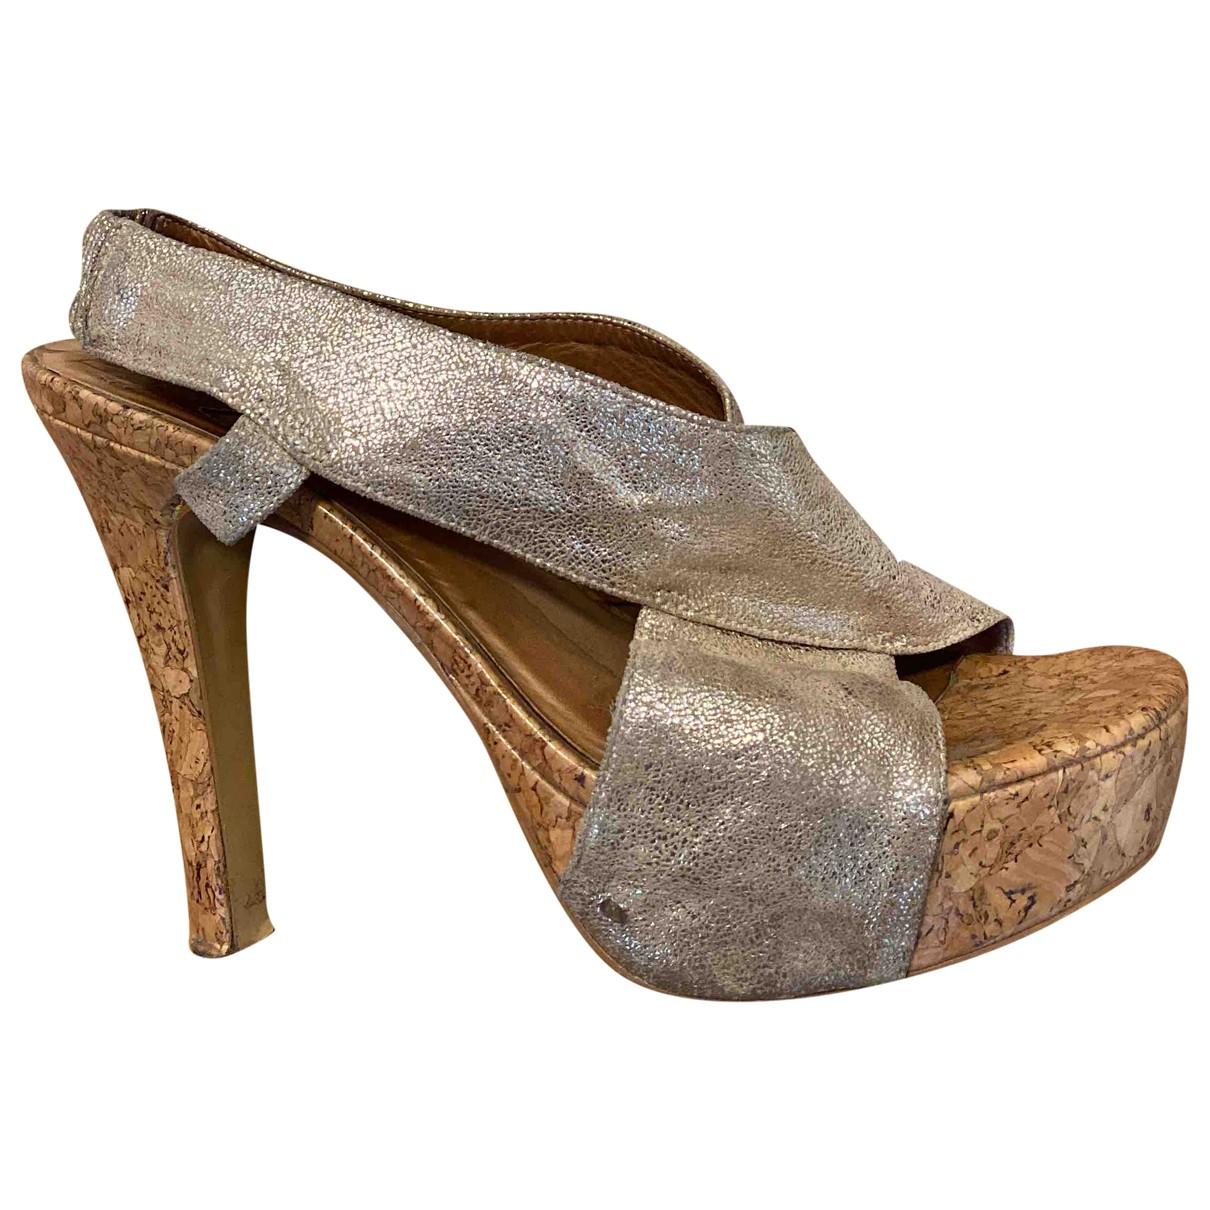 Diane Von Furstenberg \N Gold Leather Sandals for Women 9.5 US